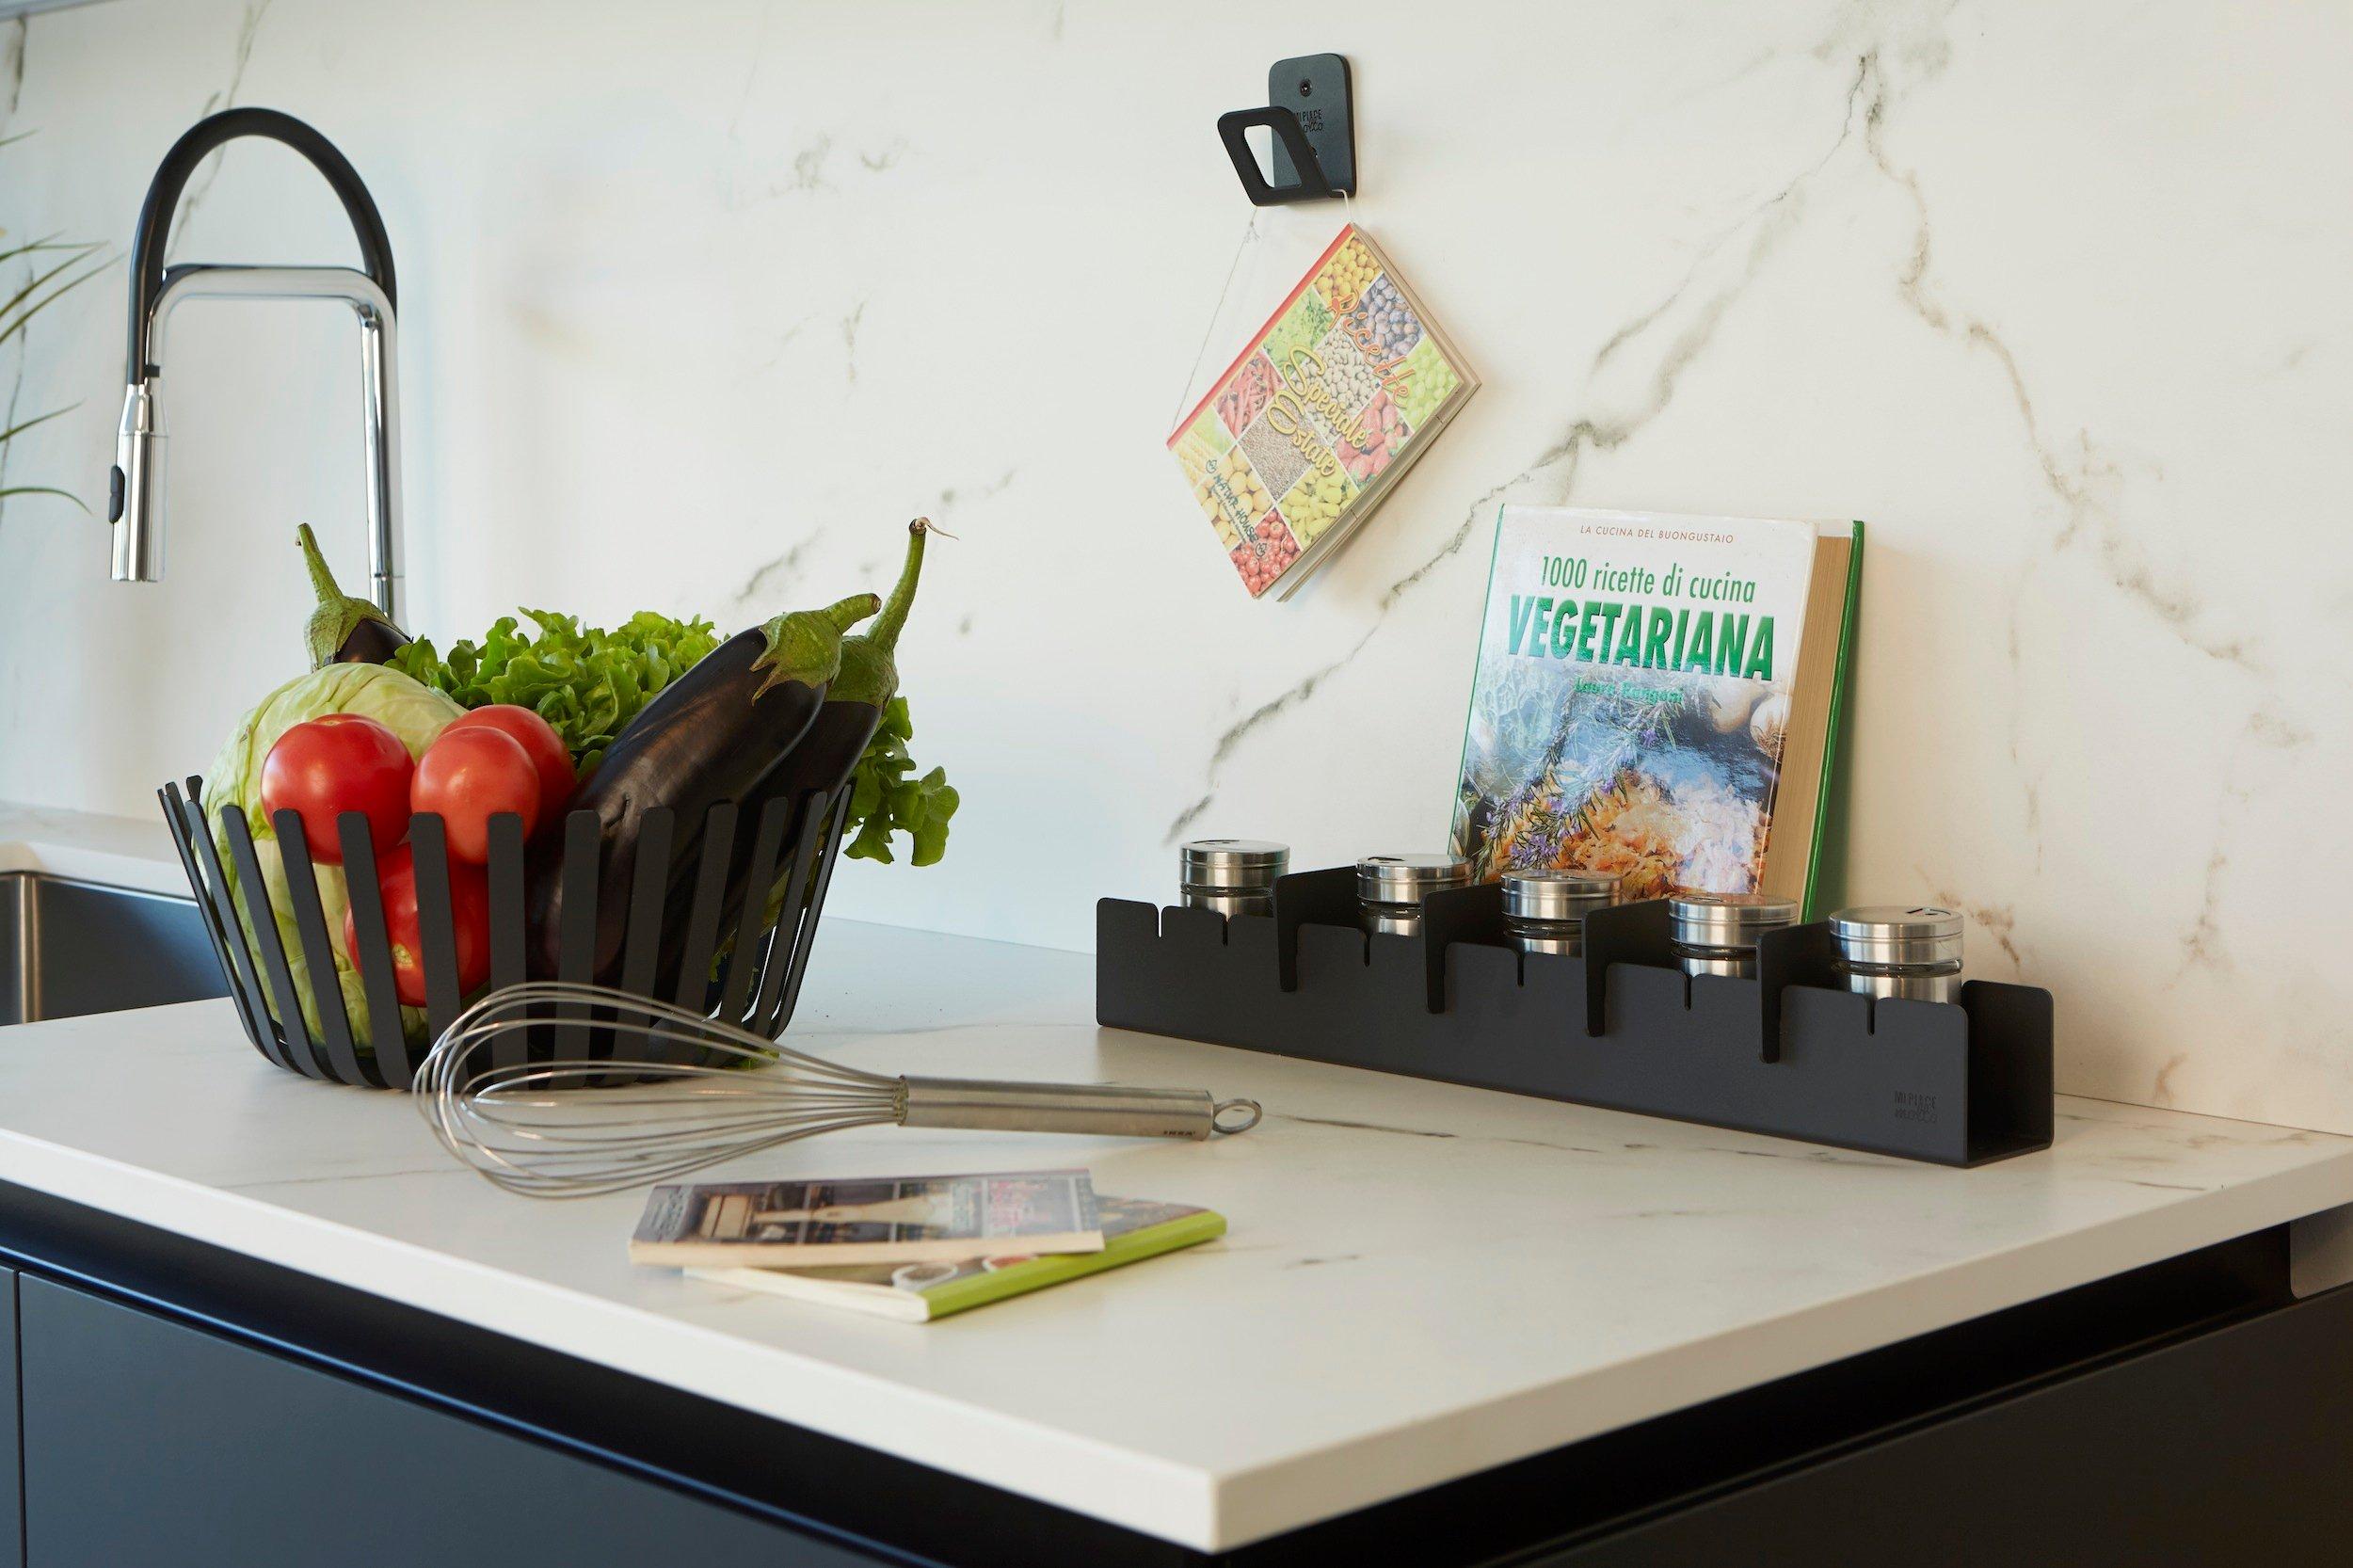 Pettine portaspezie e Medusa portafrutta per la cucina